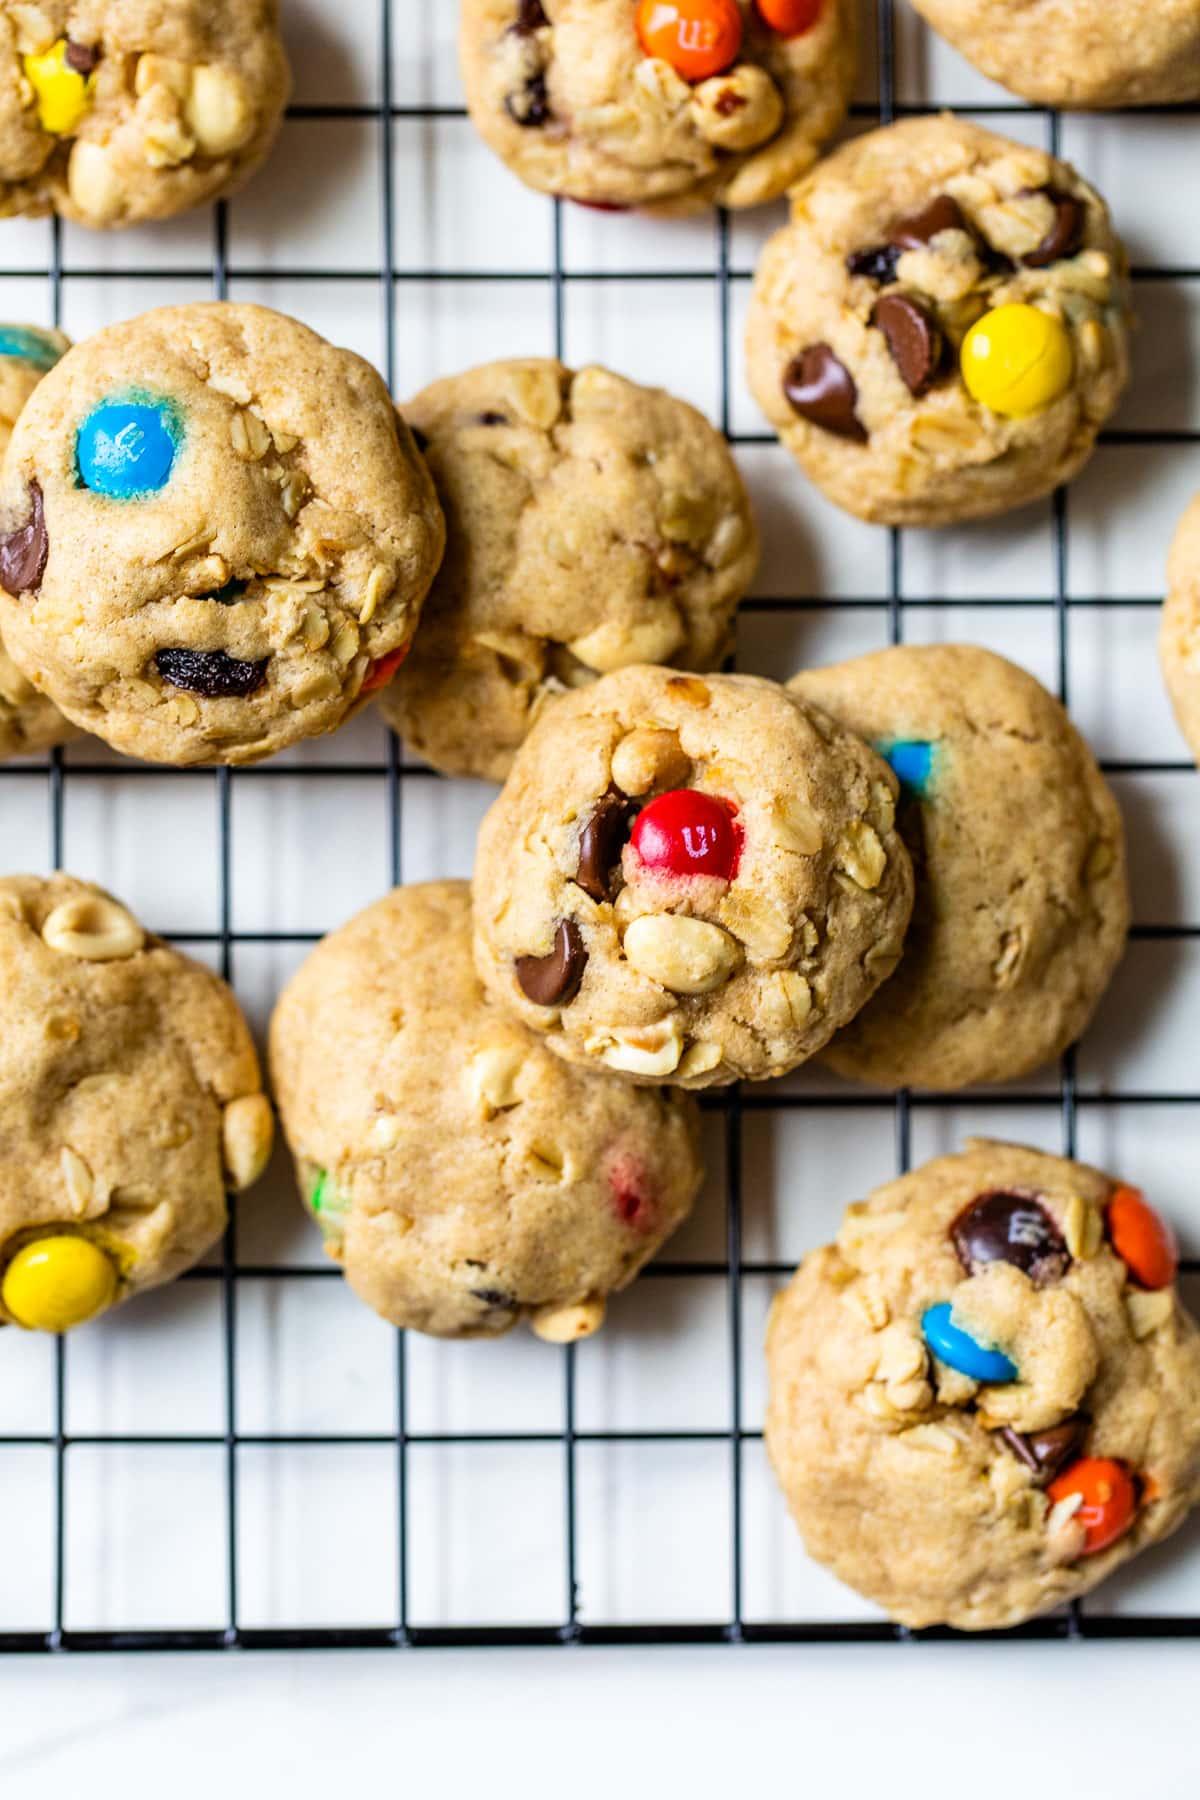 Una pila de galletas con maní y chocolate.